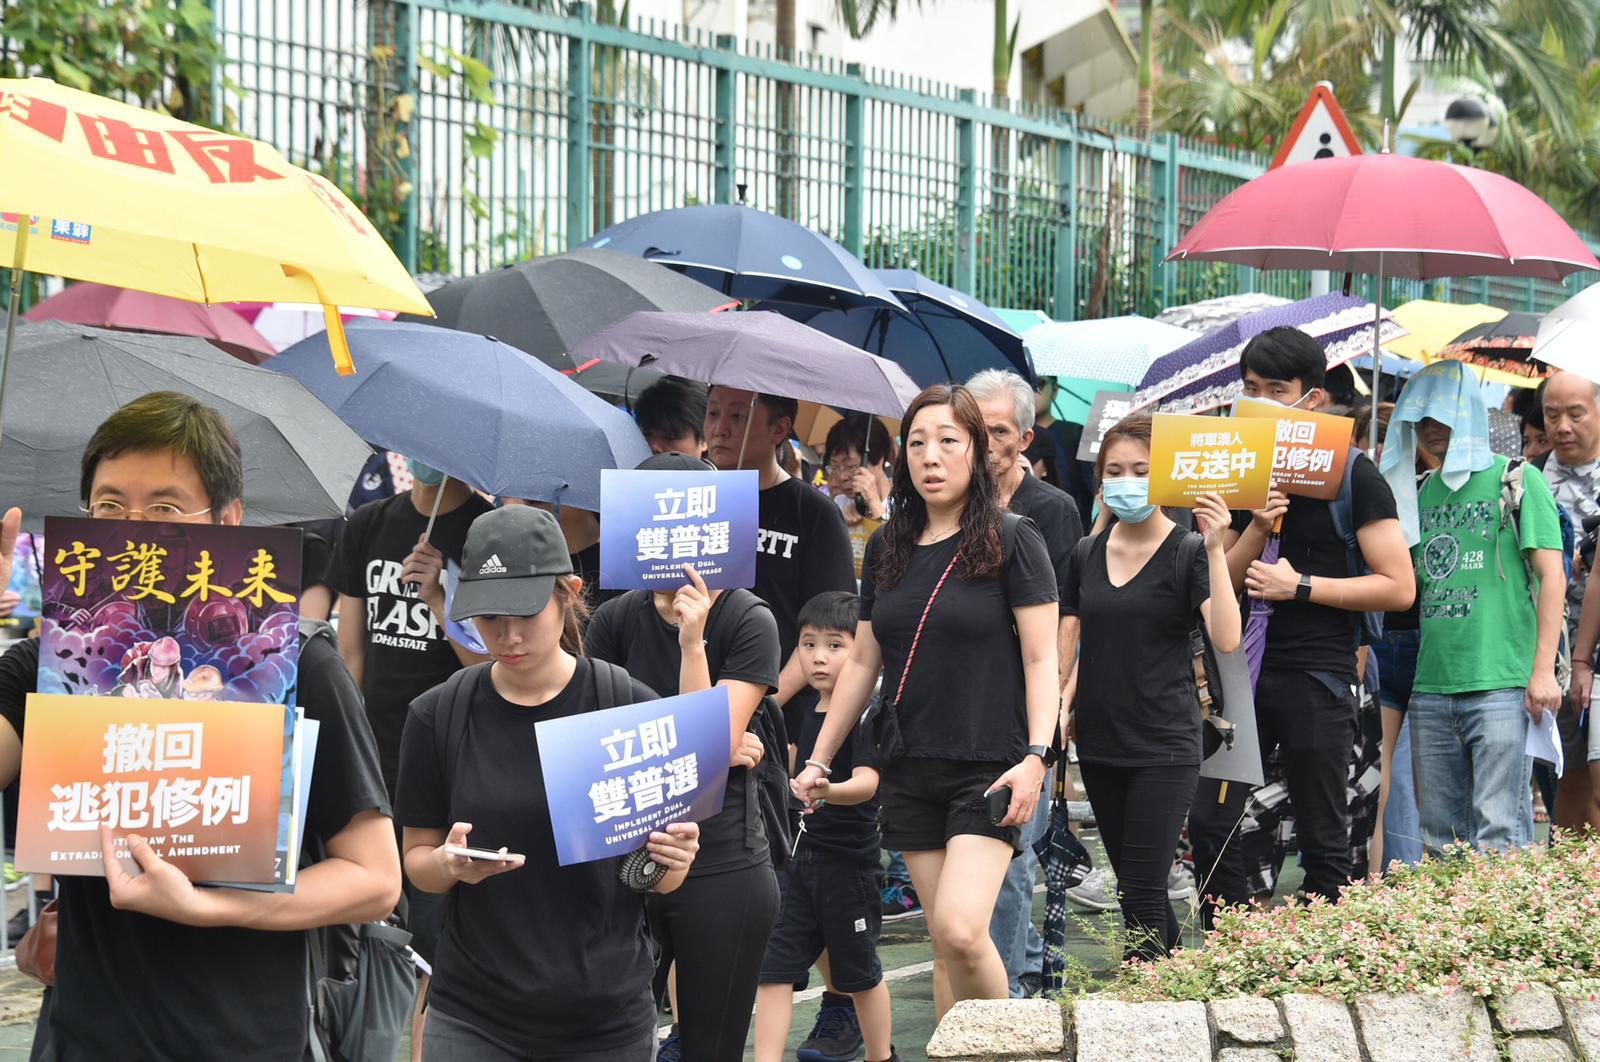 遊行人士大多穿上黑衣。